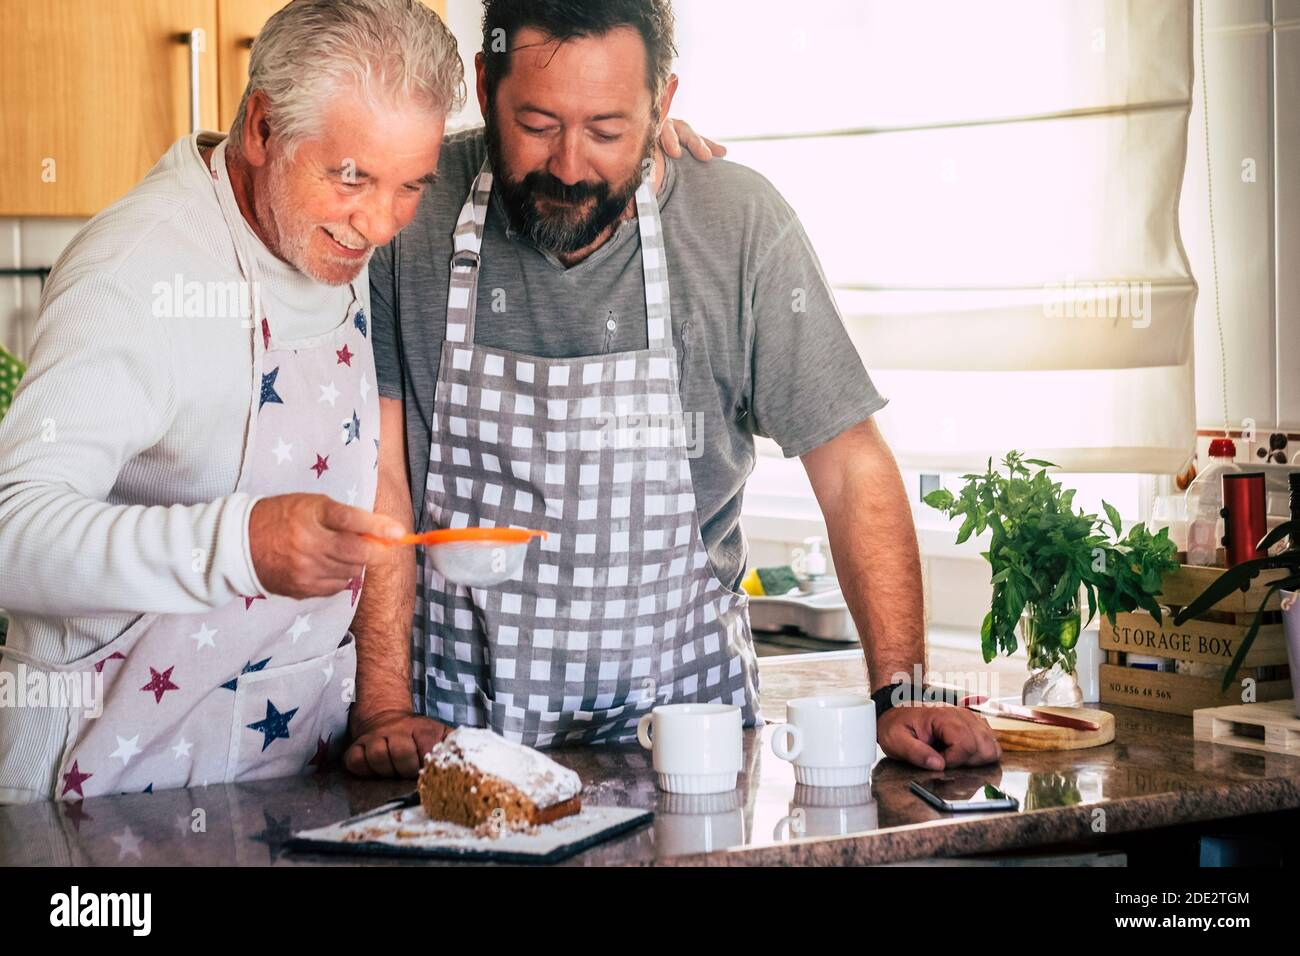 Couple d'adultes et d'hommes âgés père et fils ou les amis cuisent ensemble à la maison dans la cuisine en s'amusant - activité de boulangerie à la maison avec différents âges Banque D'Images